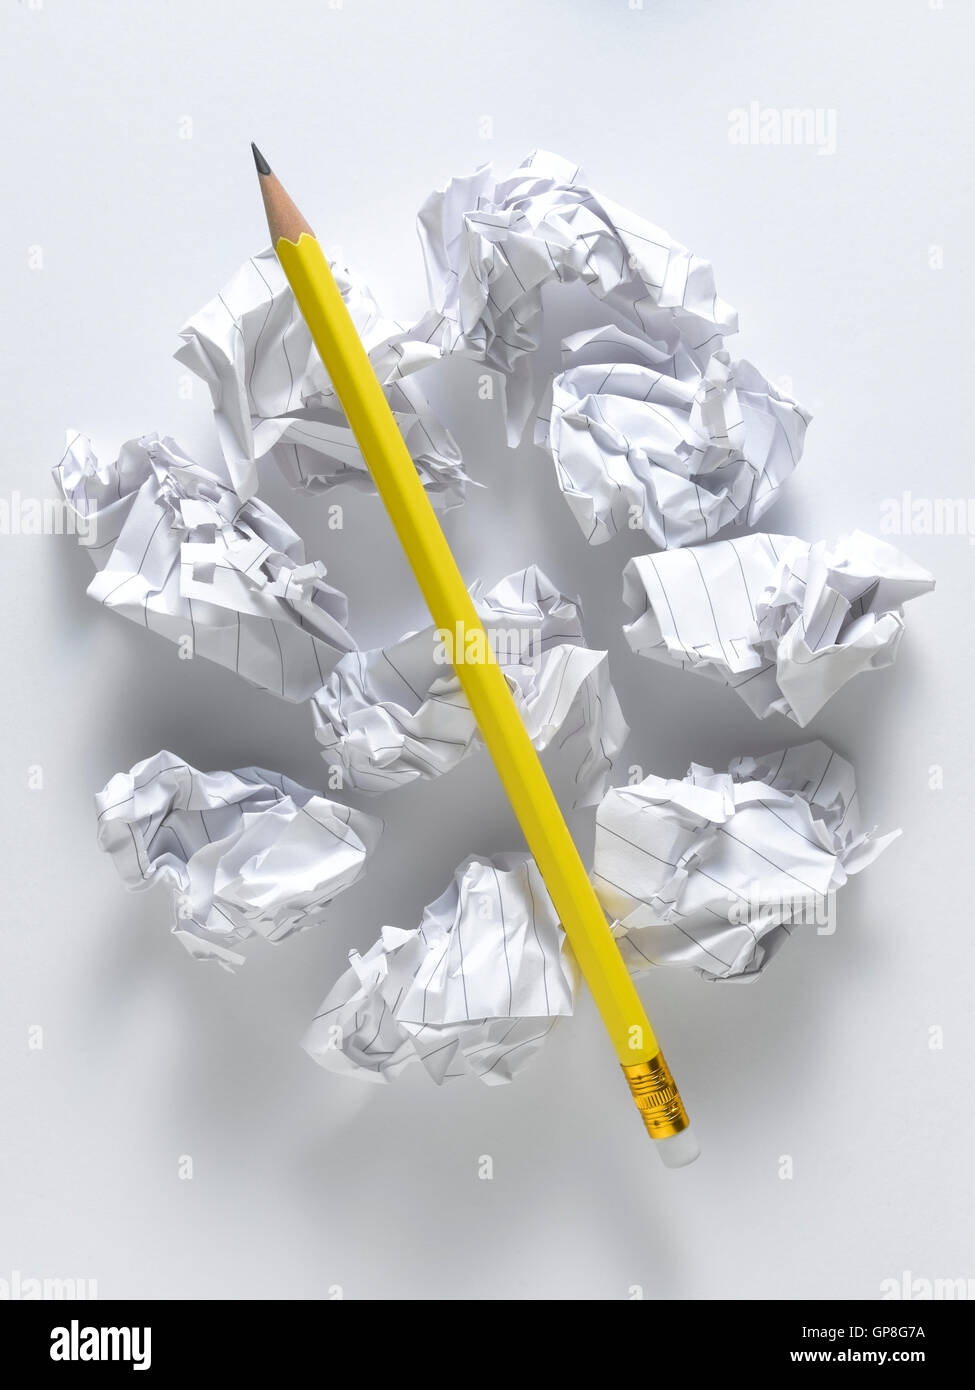 Gelbe Bleistift auf einem weißen Hintergrund isoliert Stockbild